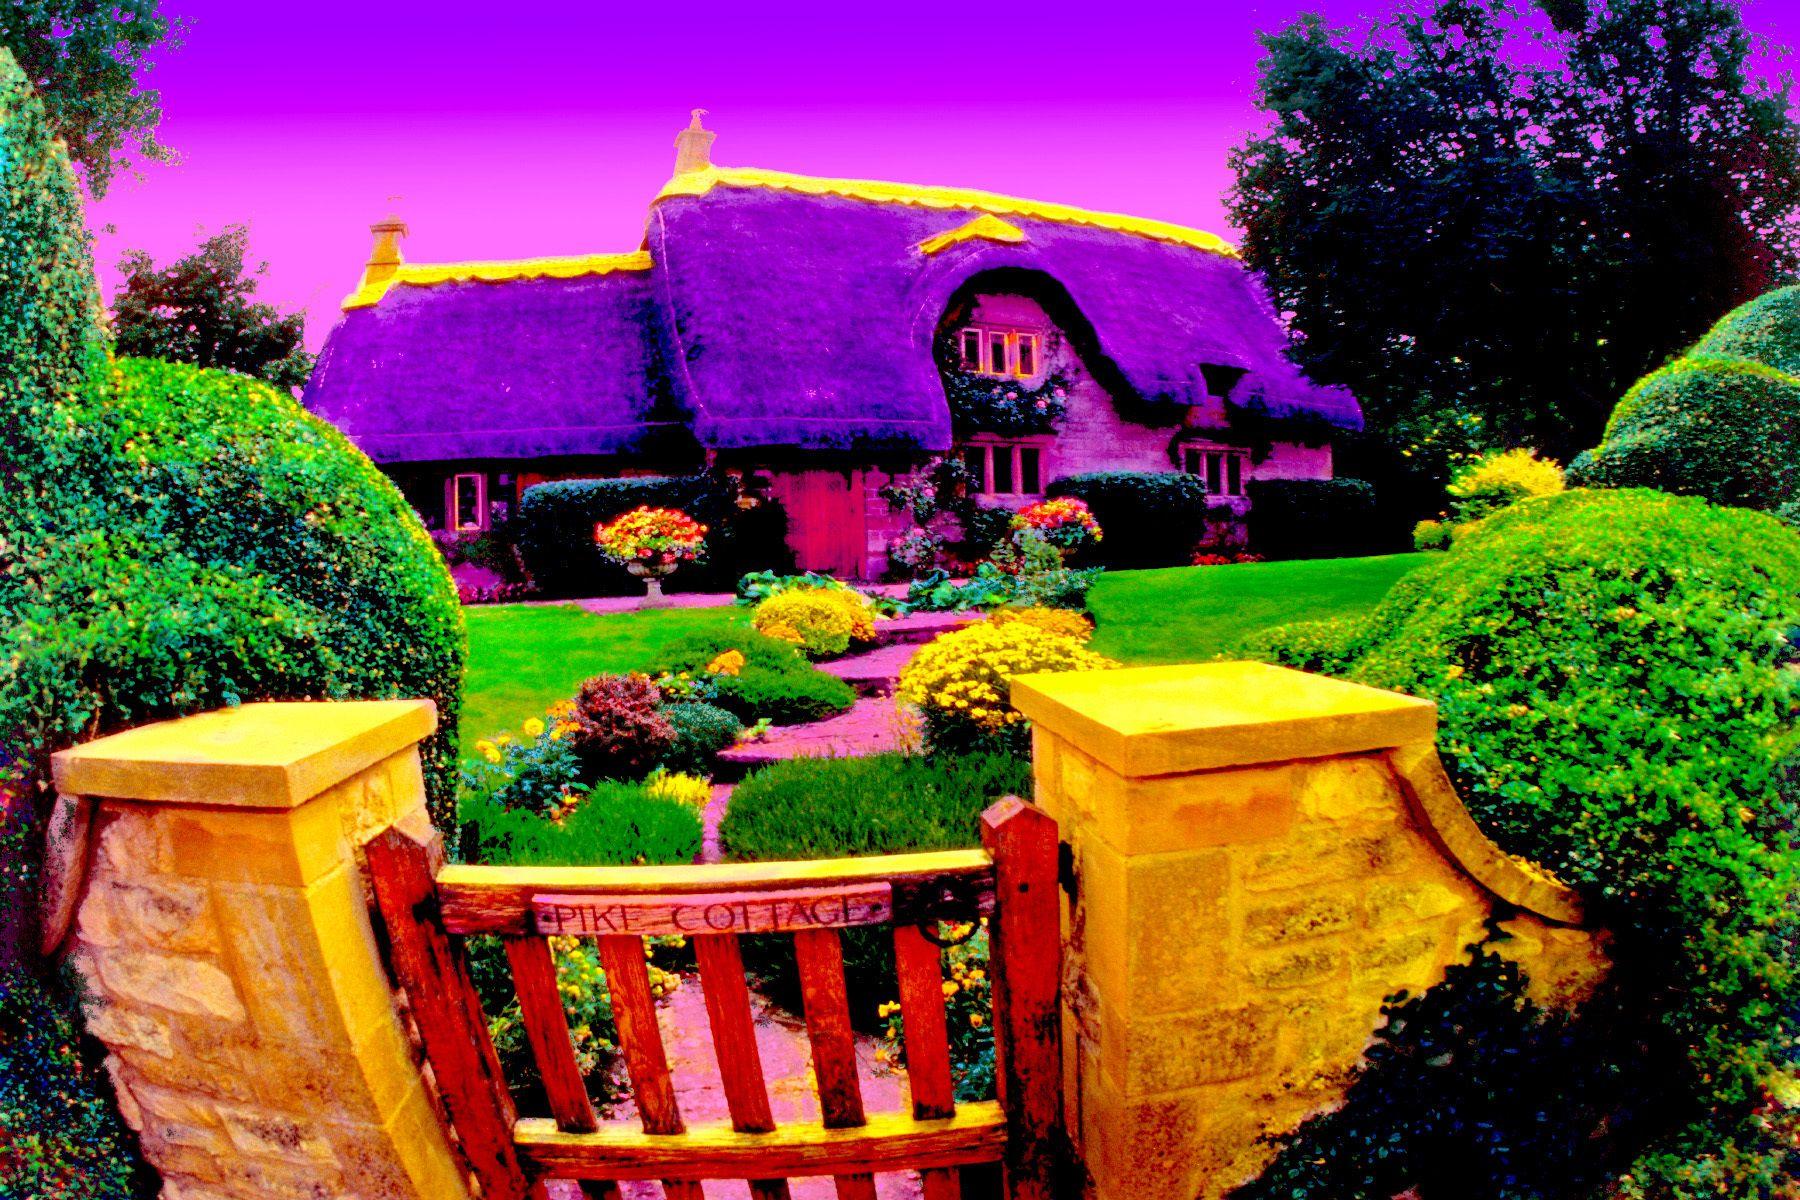 9_0_51_1d_gottlieb_pike_cottage.jpg